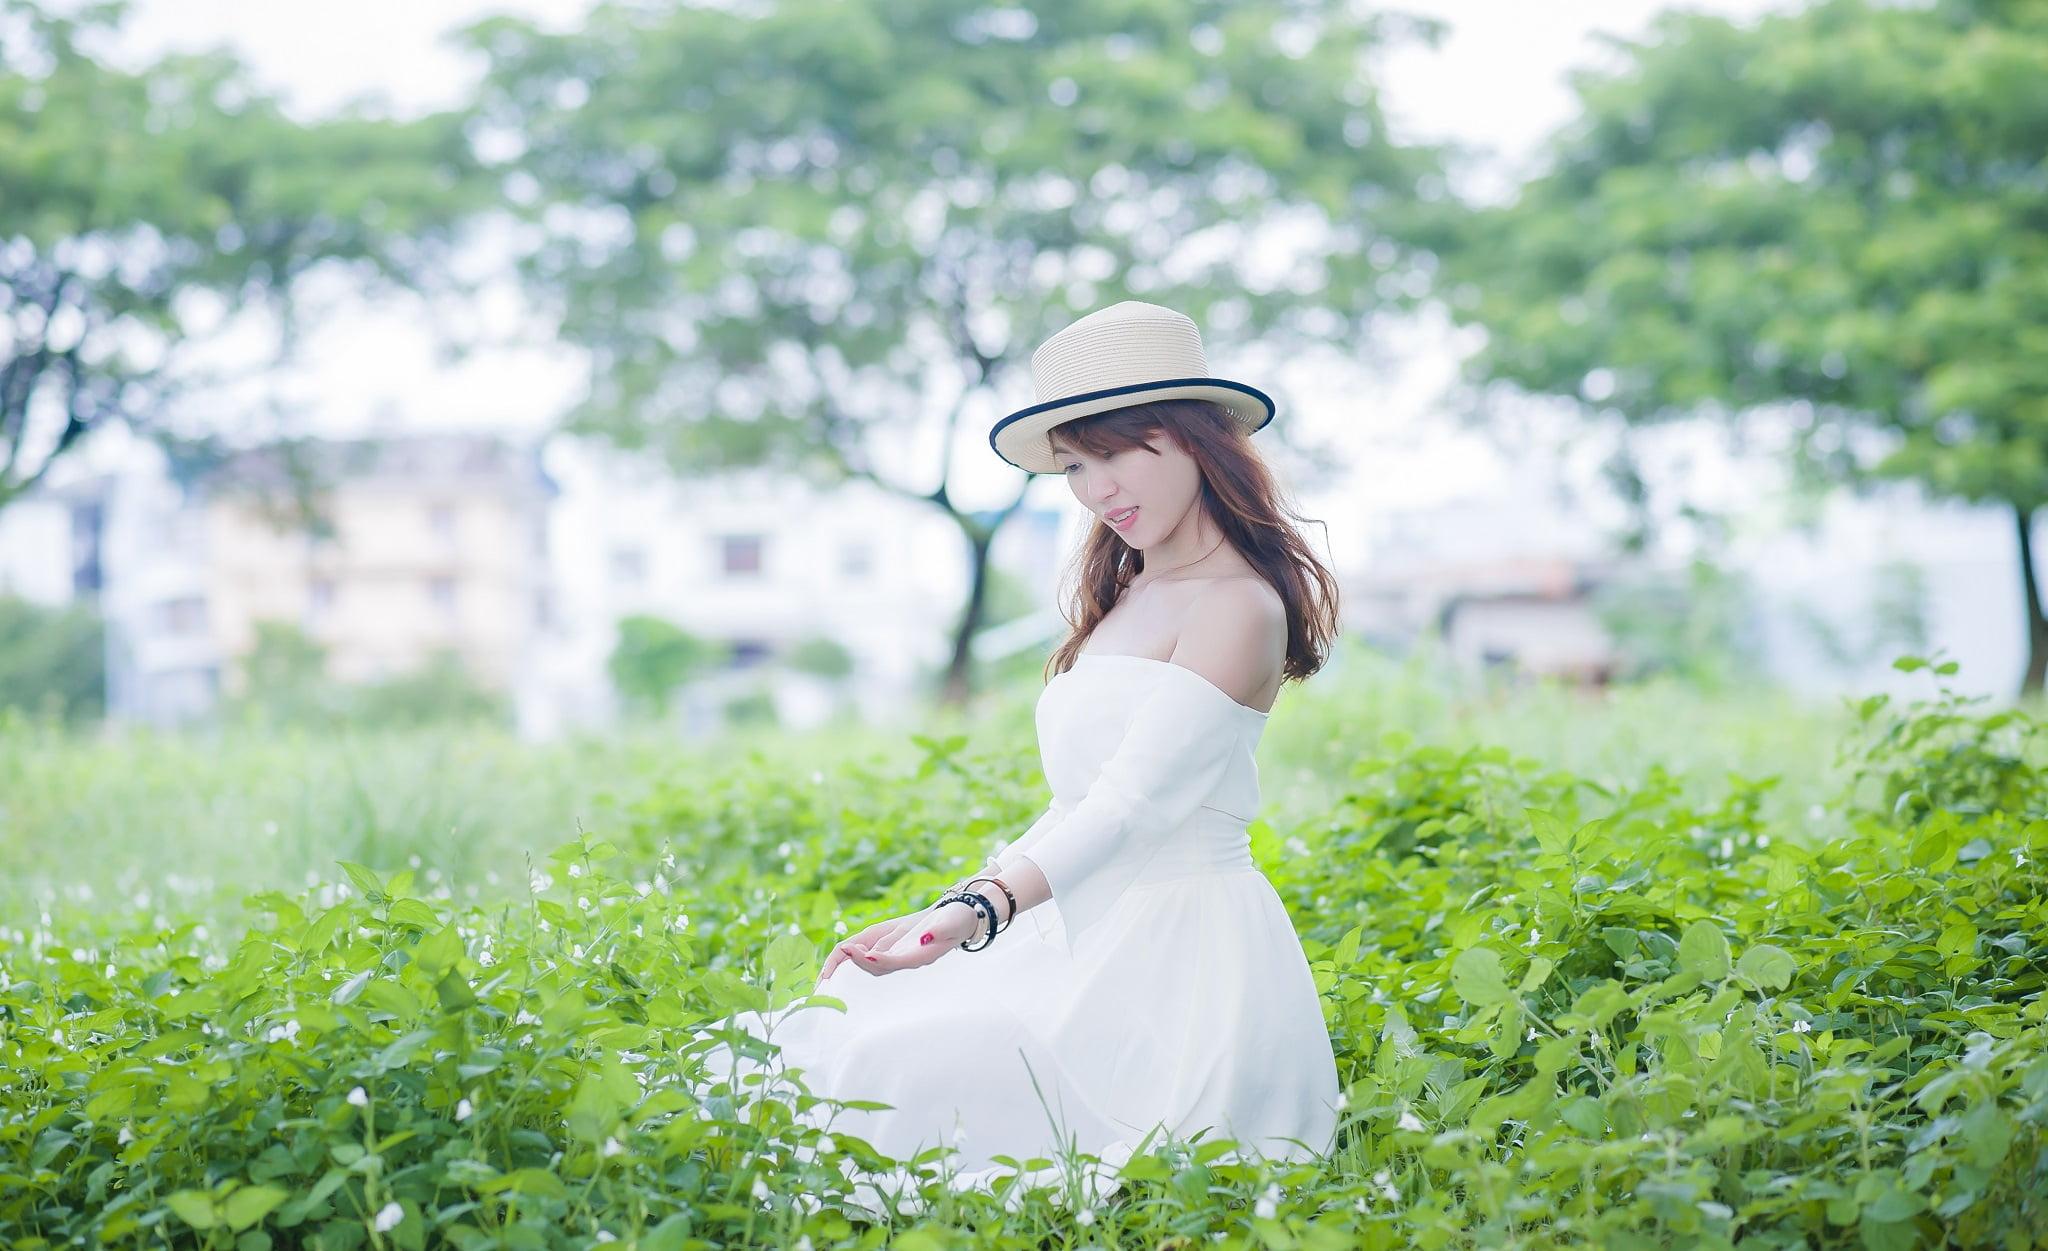 FB be dinh2 - Ảnh chụp với cỏ lau Đảo Kim Cương, Quận 2